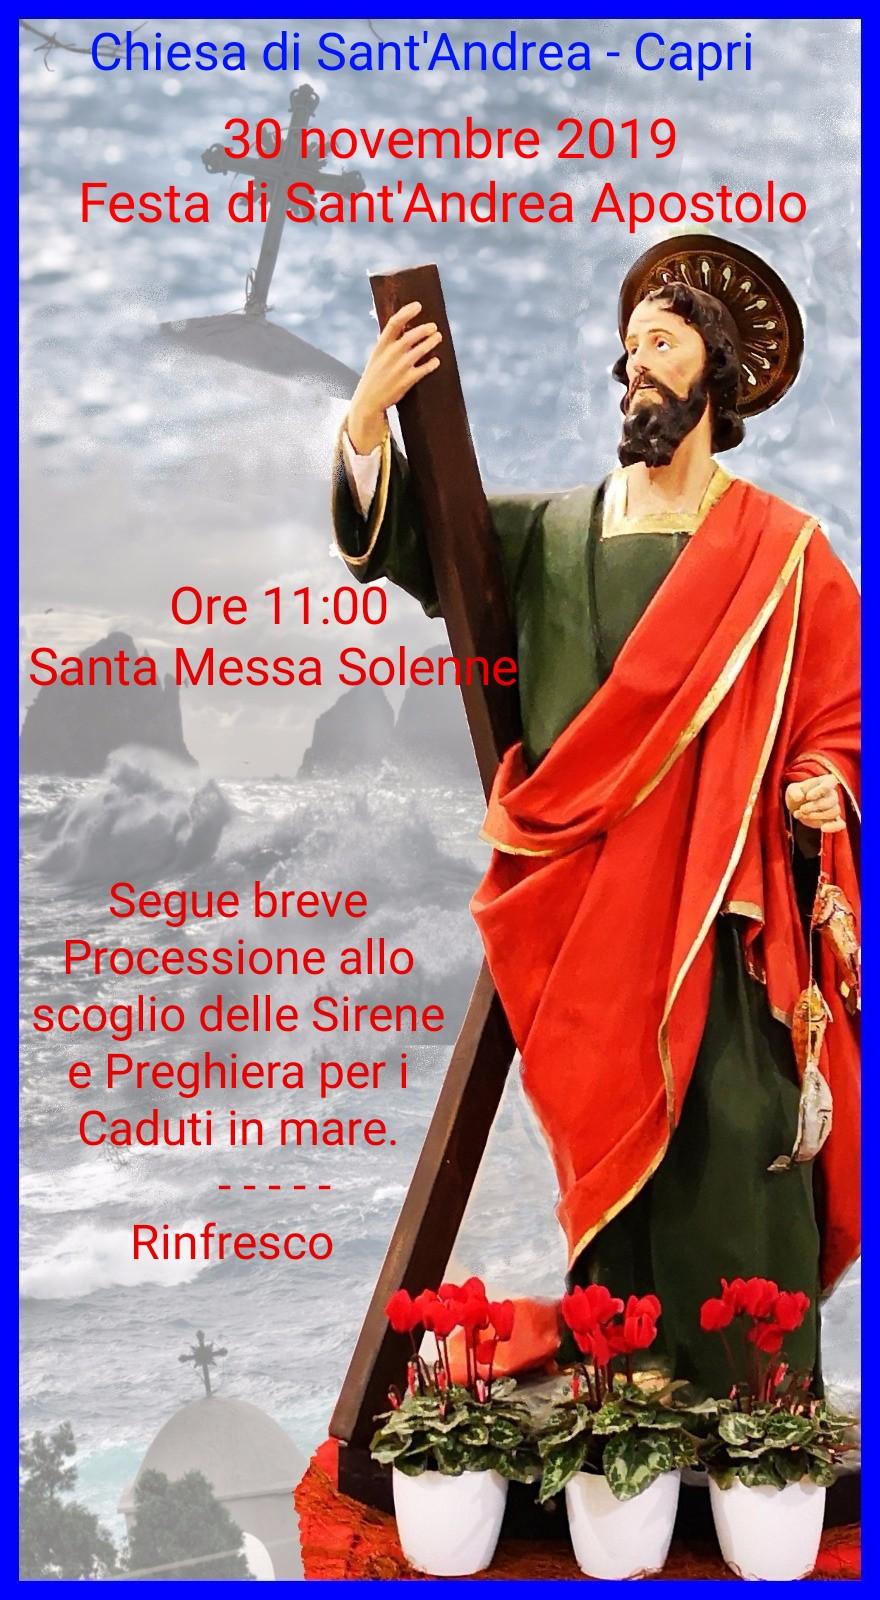 Capri. Celebrazioni in onore di Sant'Andrea e breve processione allo Scoglio delle Sirene in Marina Piccola